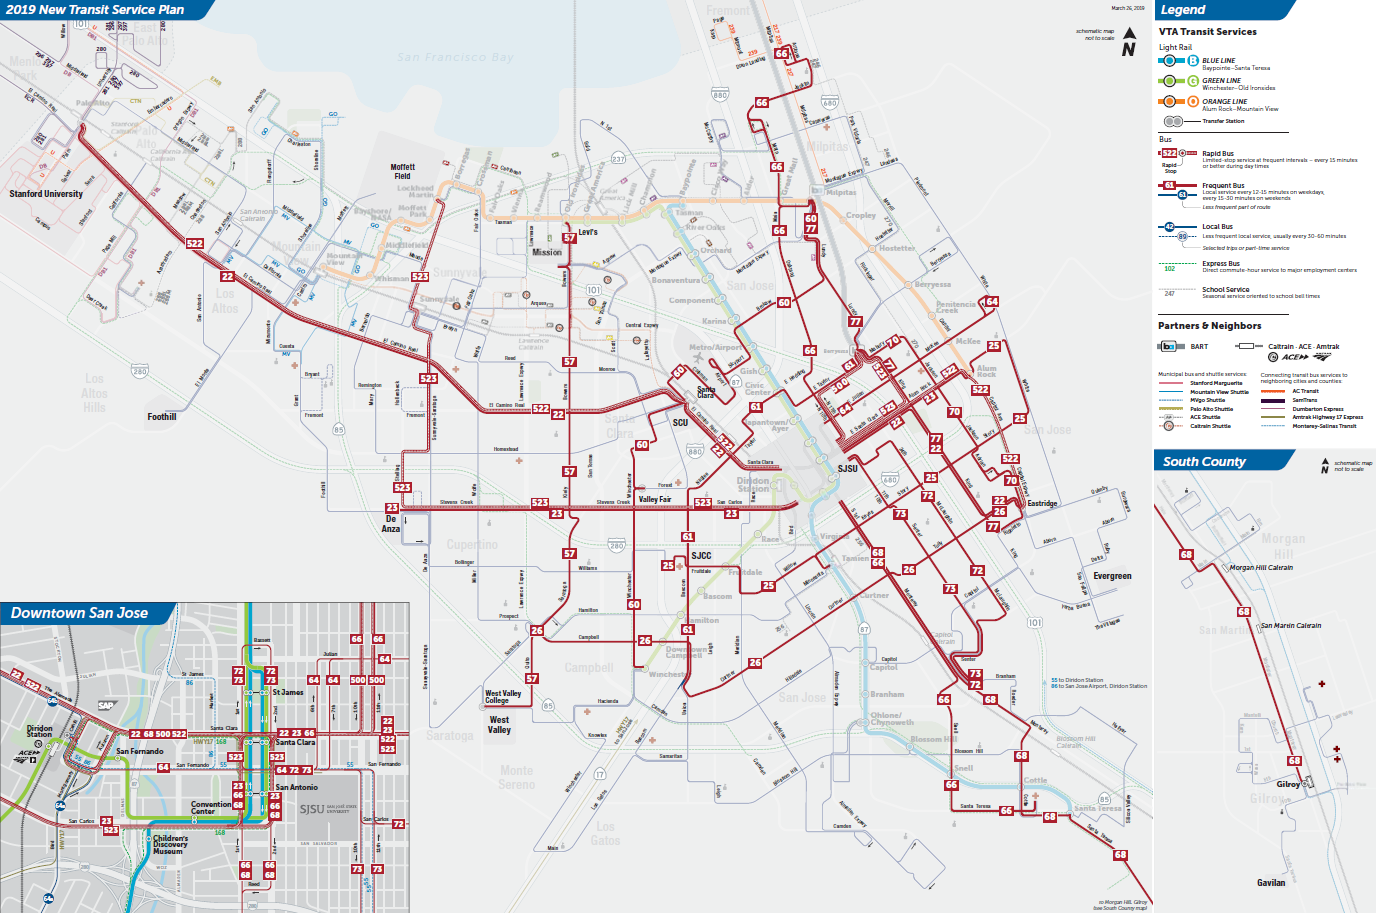 Bản đồ Tuyến Xe Thường xuyên của Kế hoạch Dịch vụ Vận chuyển mới 2019 Chính thức  (PDF)